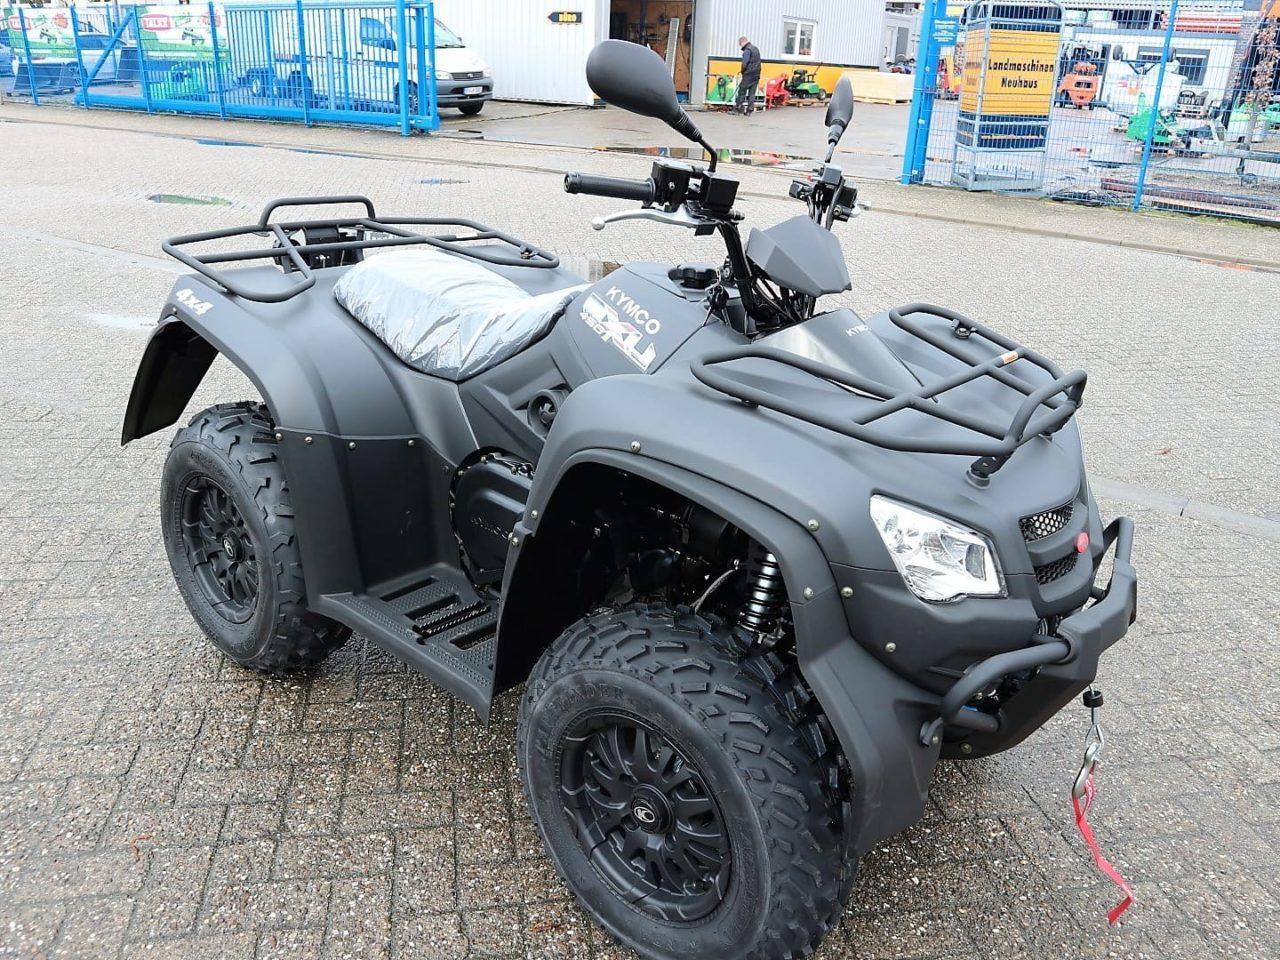 ATV / Quad Kymco MXU 450i 4×4, 30 PS, 443 ccm, LOF-Zulassung